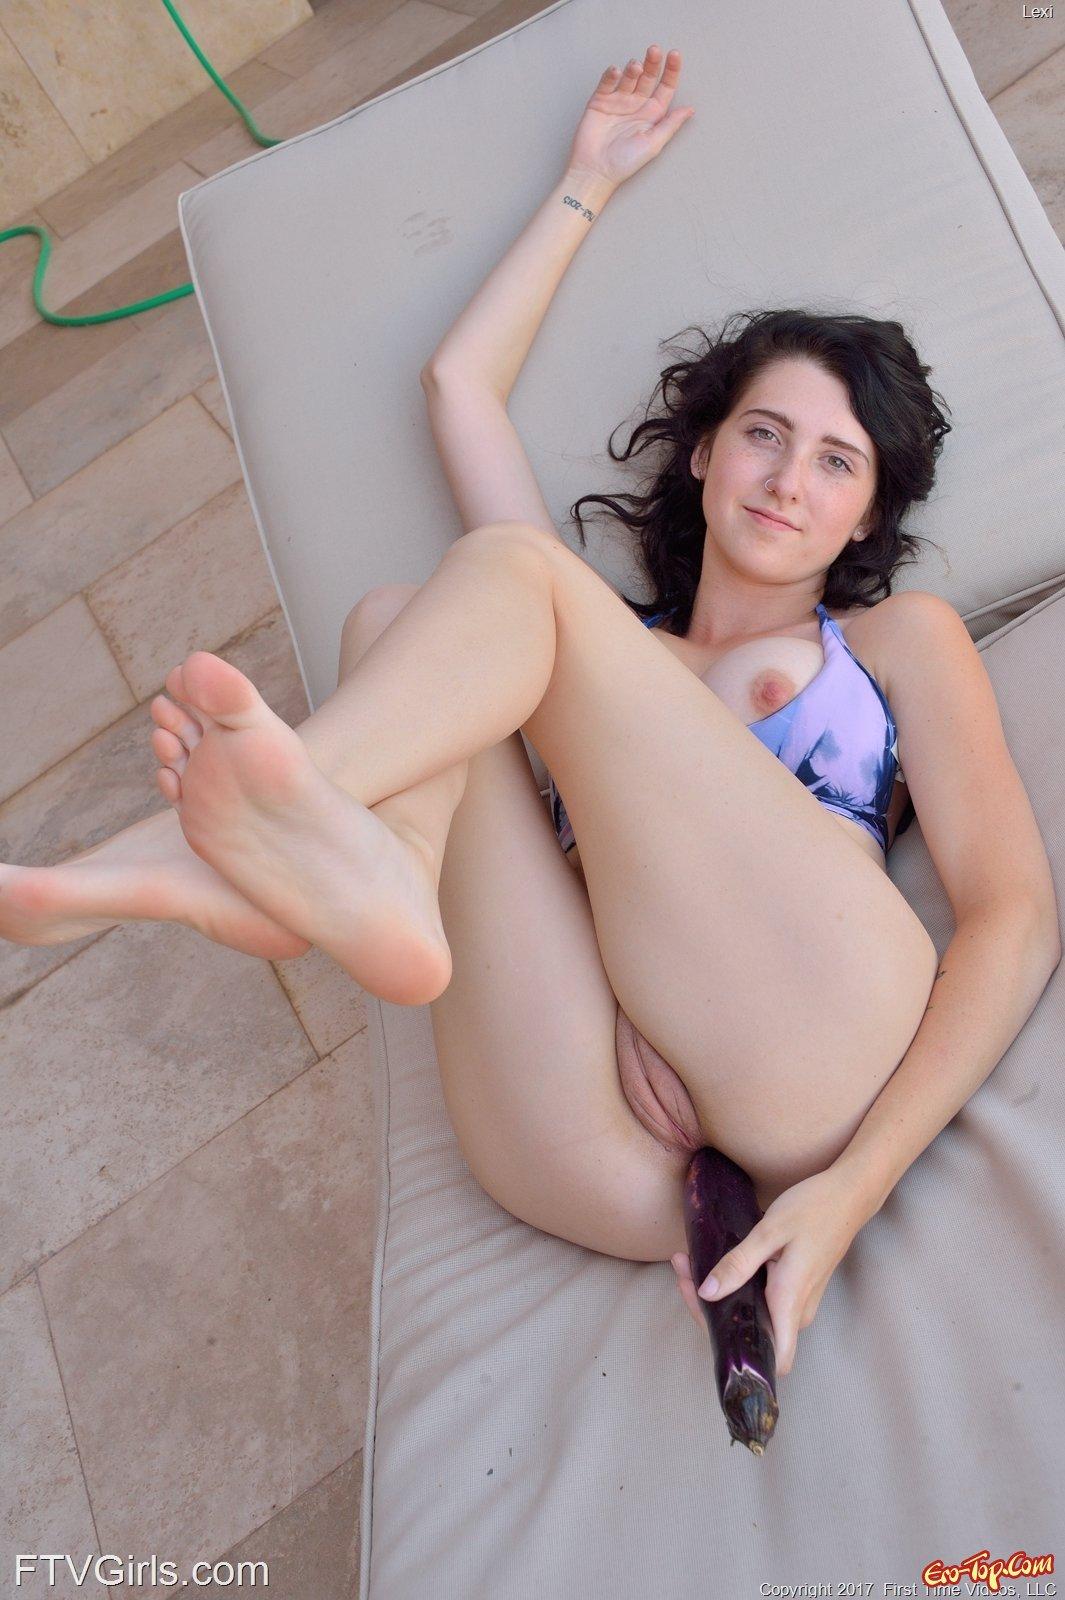 Брюнетка мастурбирует широкий анус большим кабачком